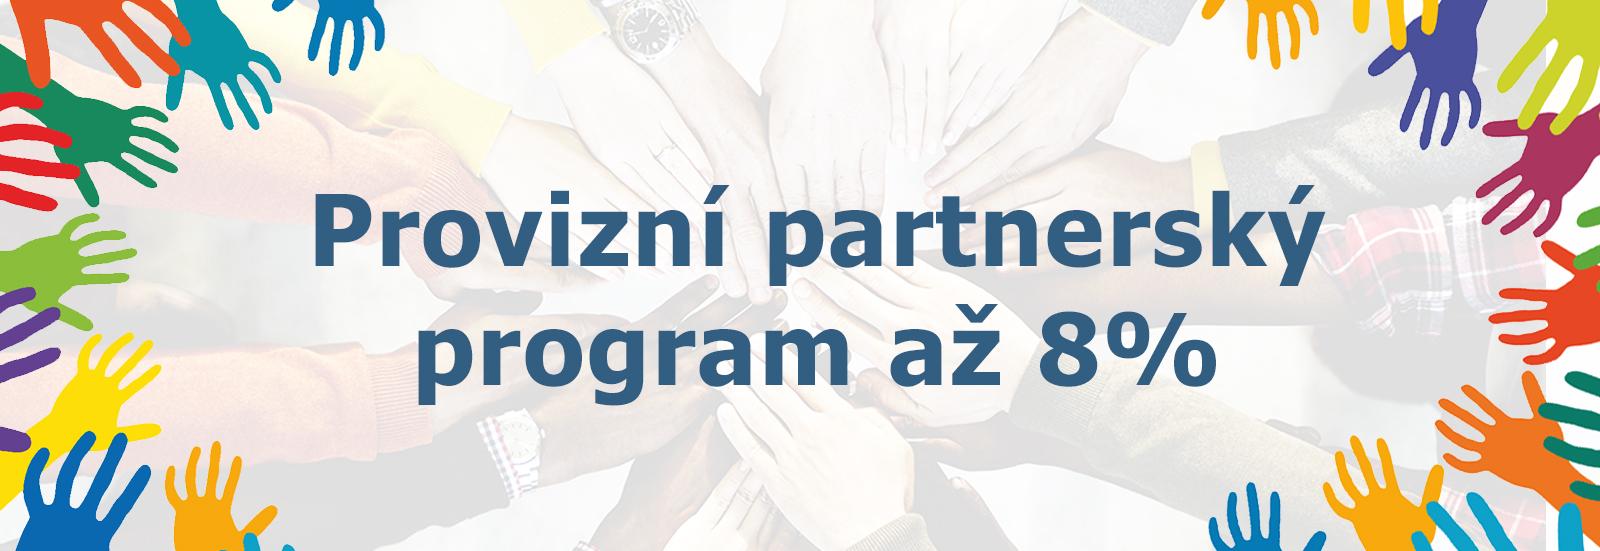 Provizní partnerský program E-shop Pulito